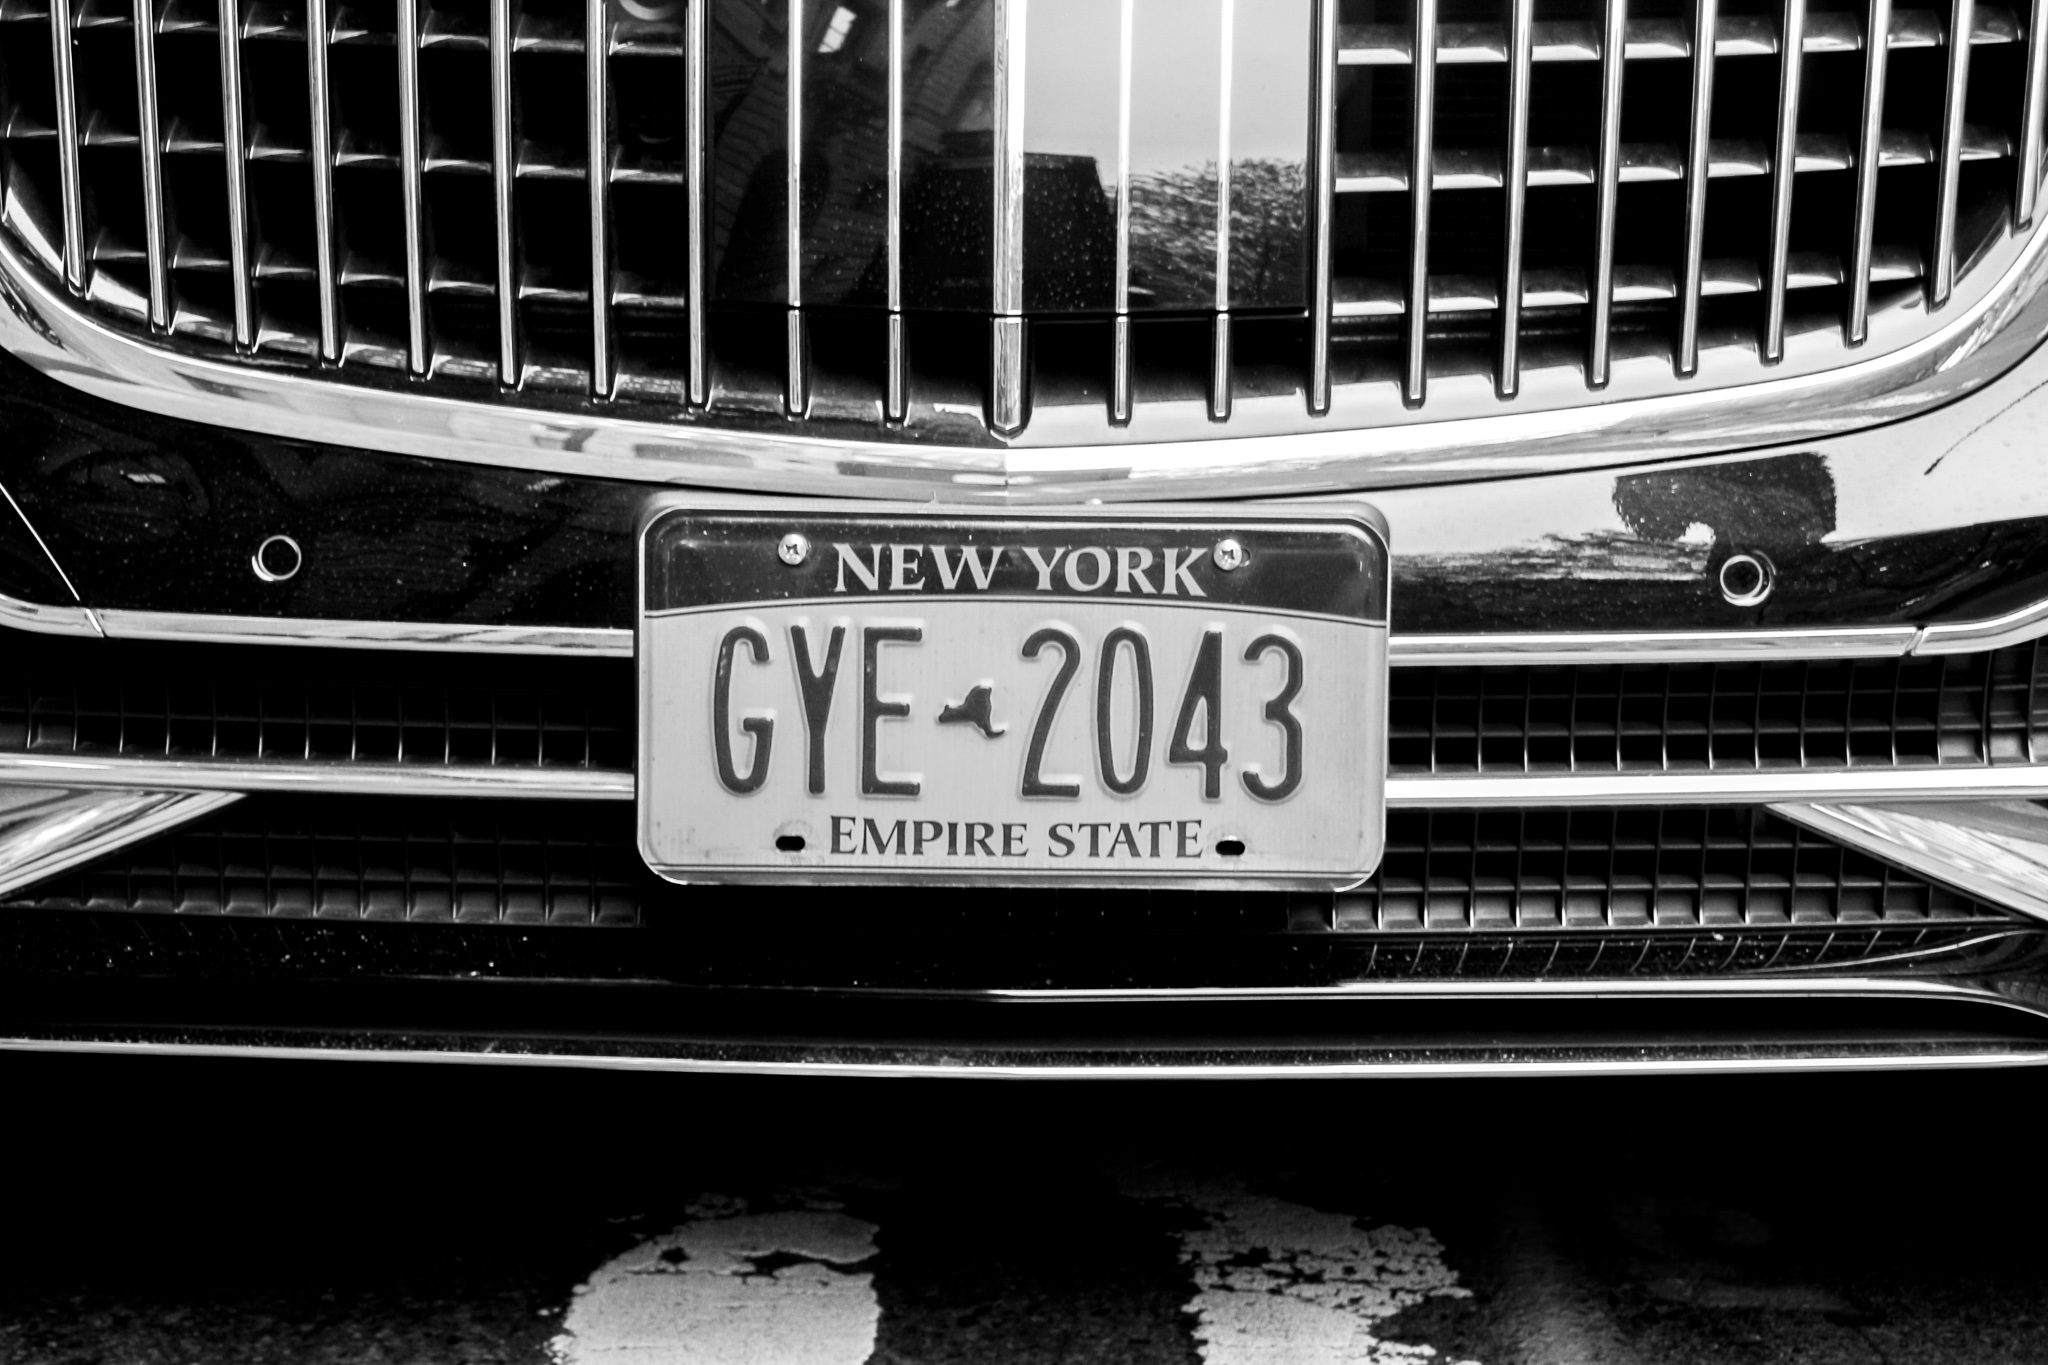 Car plate NY